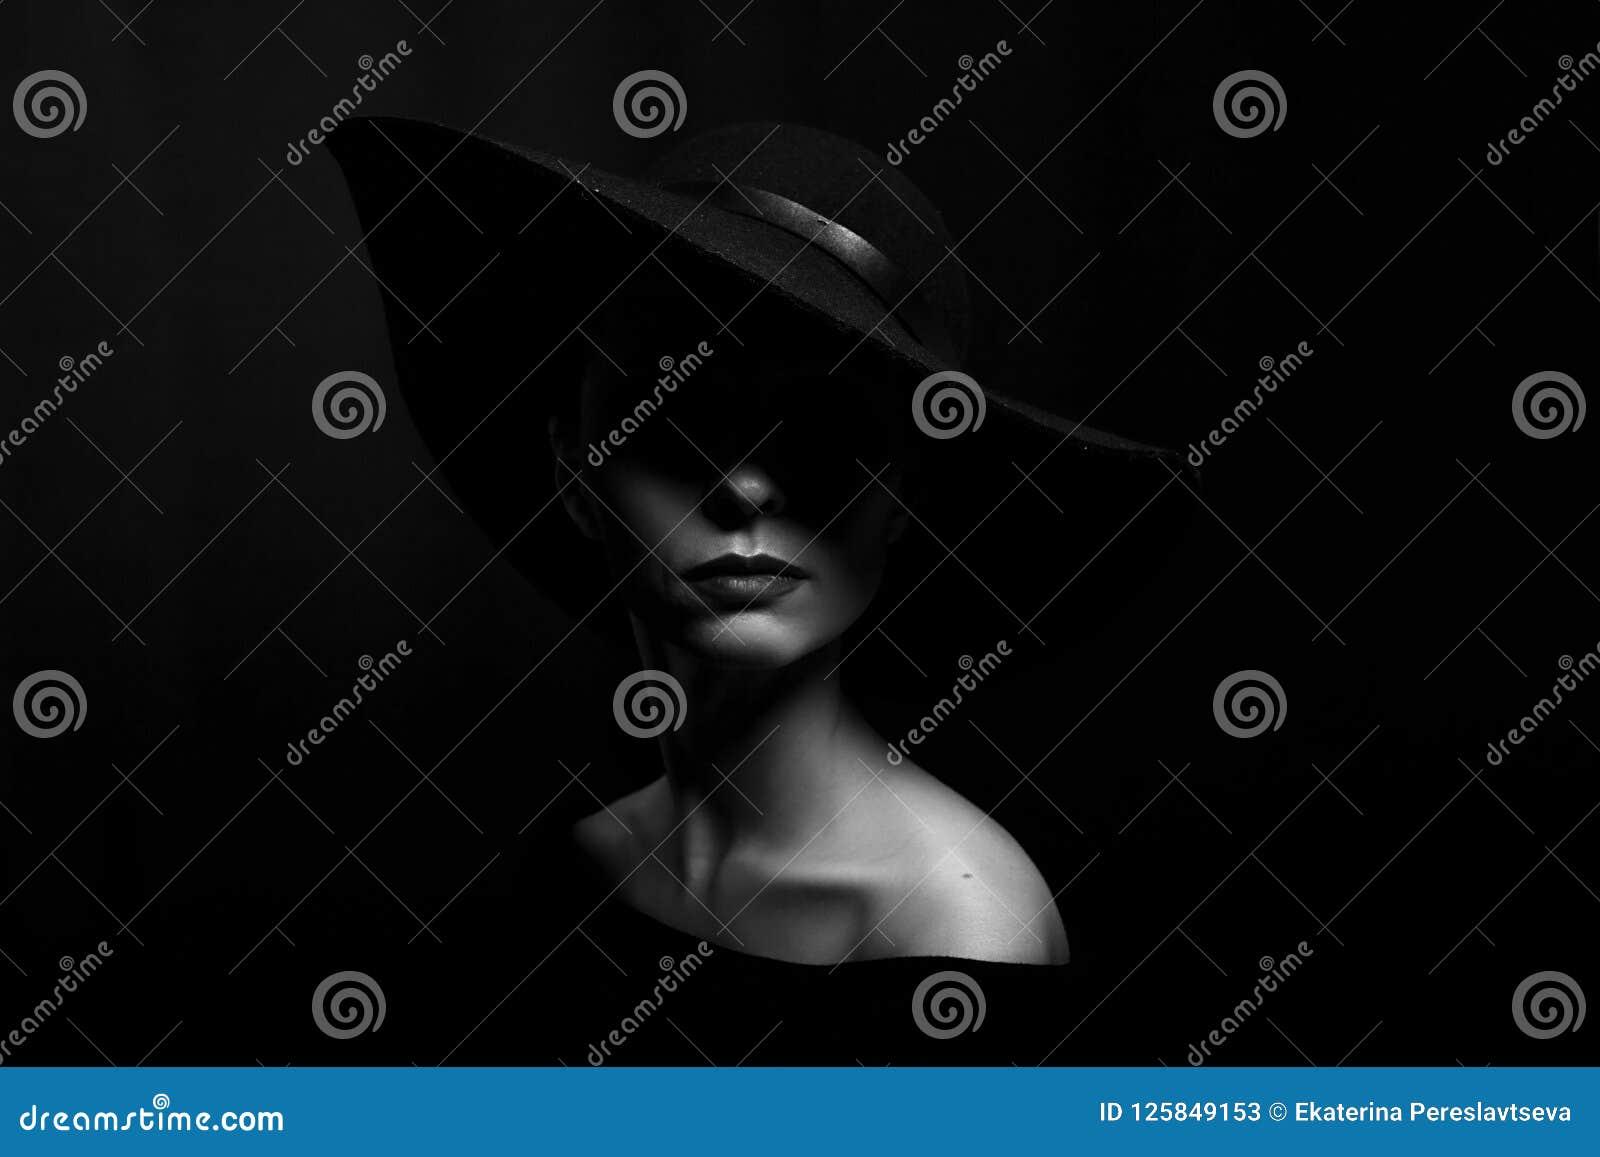 Porträt einer Frau in einem schwarzen Hut auf einem Schwarzweiss-Foto des schwarzen Hintergrundes